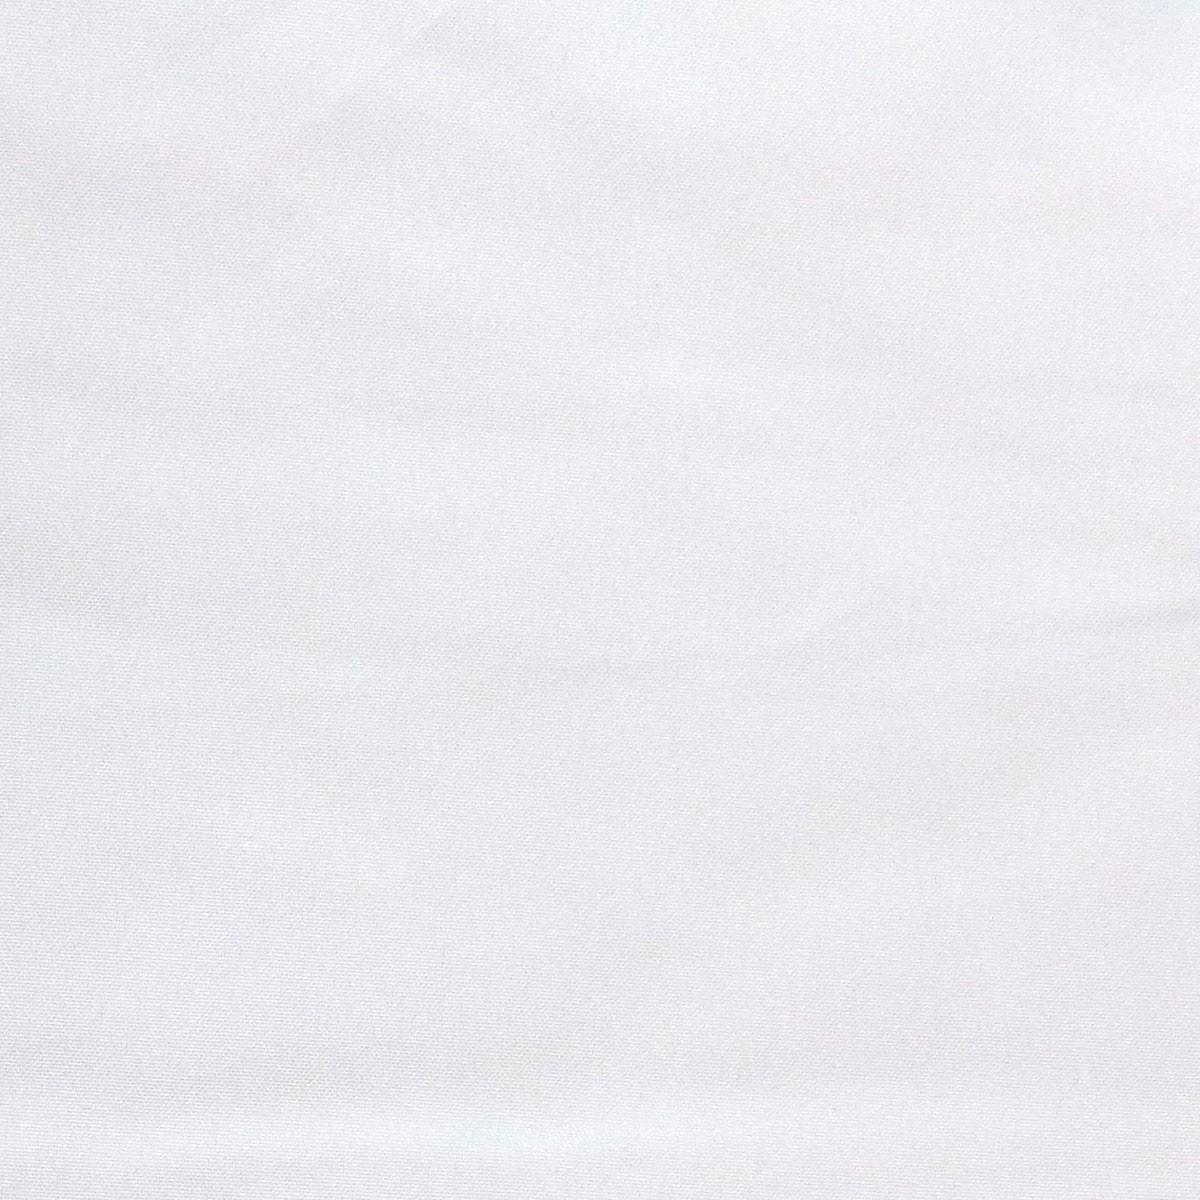 Kreativstoff Universalstoff Polyester Stretch weiß